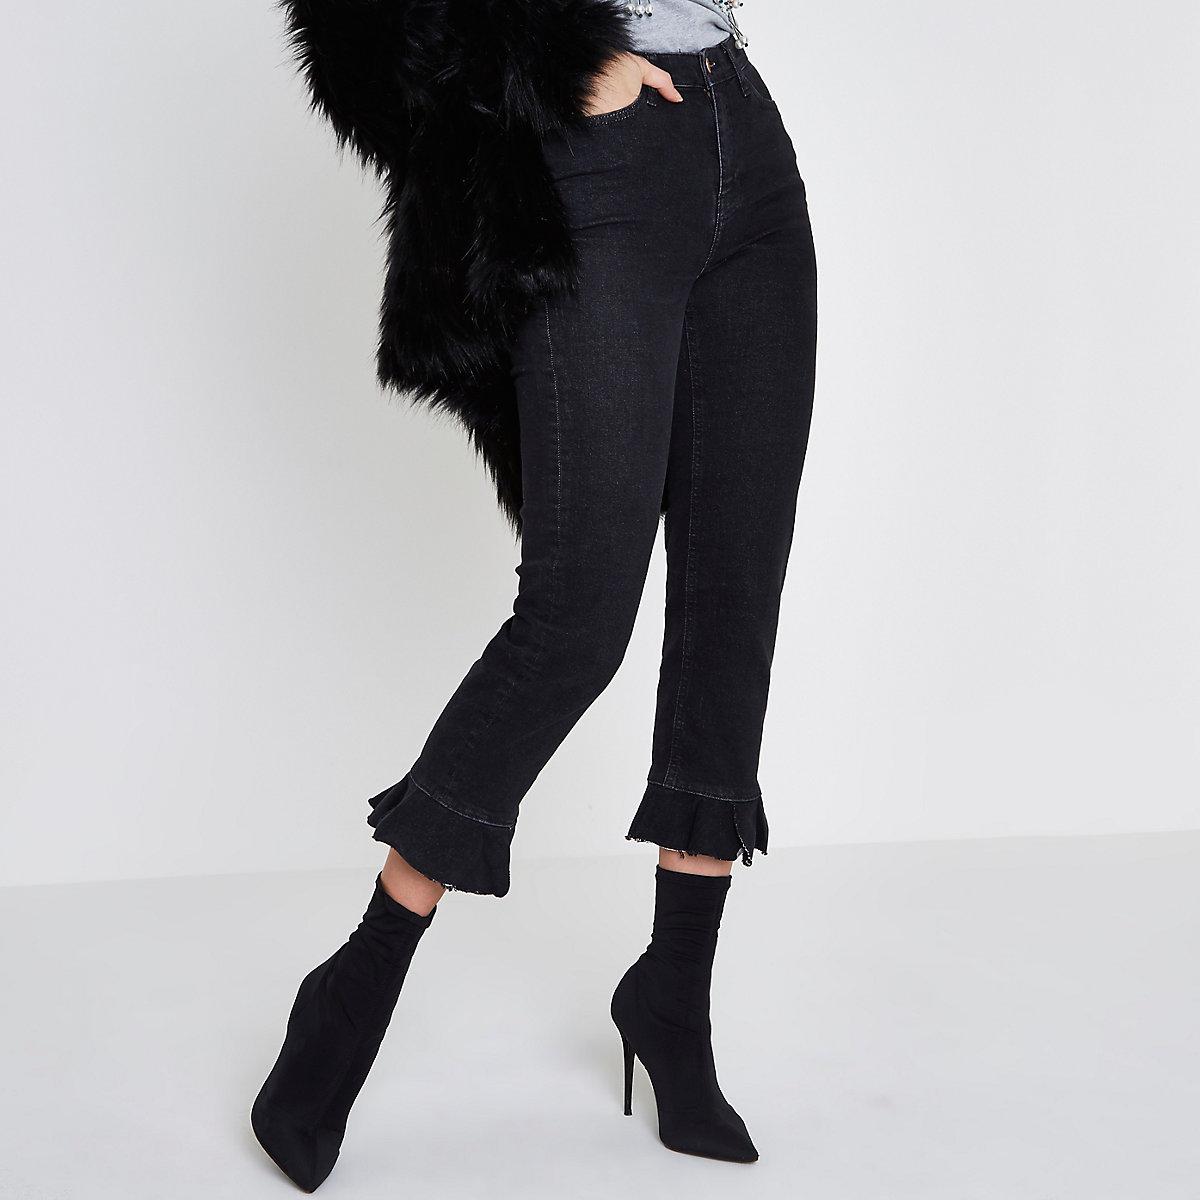 Bella - Zwarte jeans met rechte pijpen en ruches aan de zoom